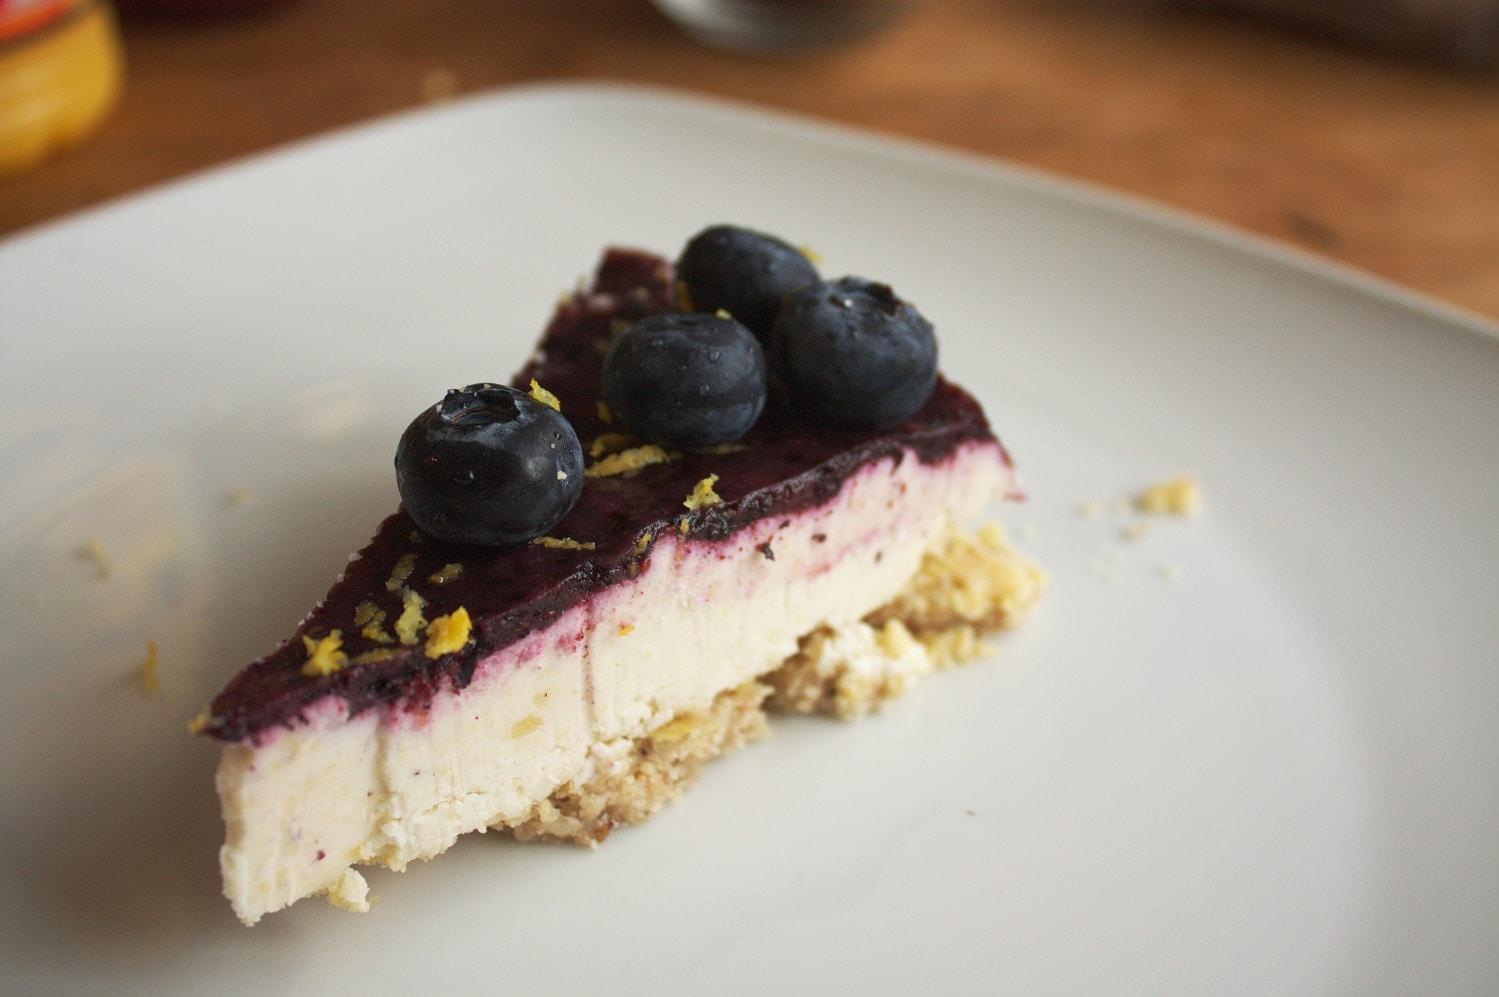 Ein Stück Blaubeer Käsekuchen vegan auf einem Teller